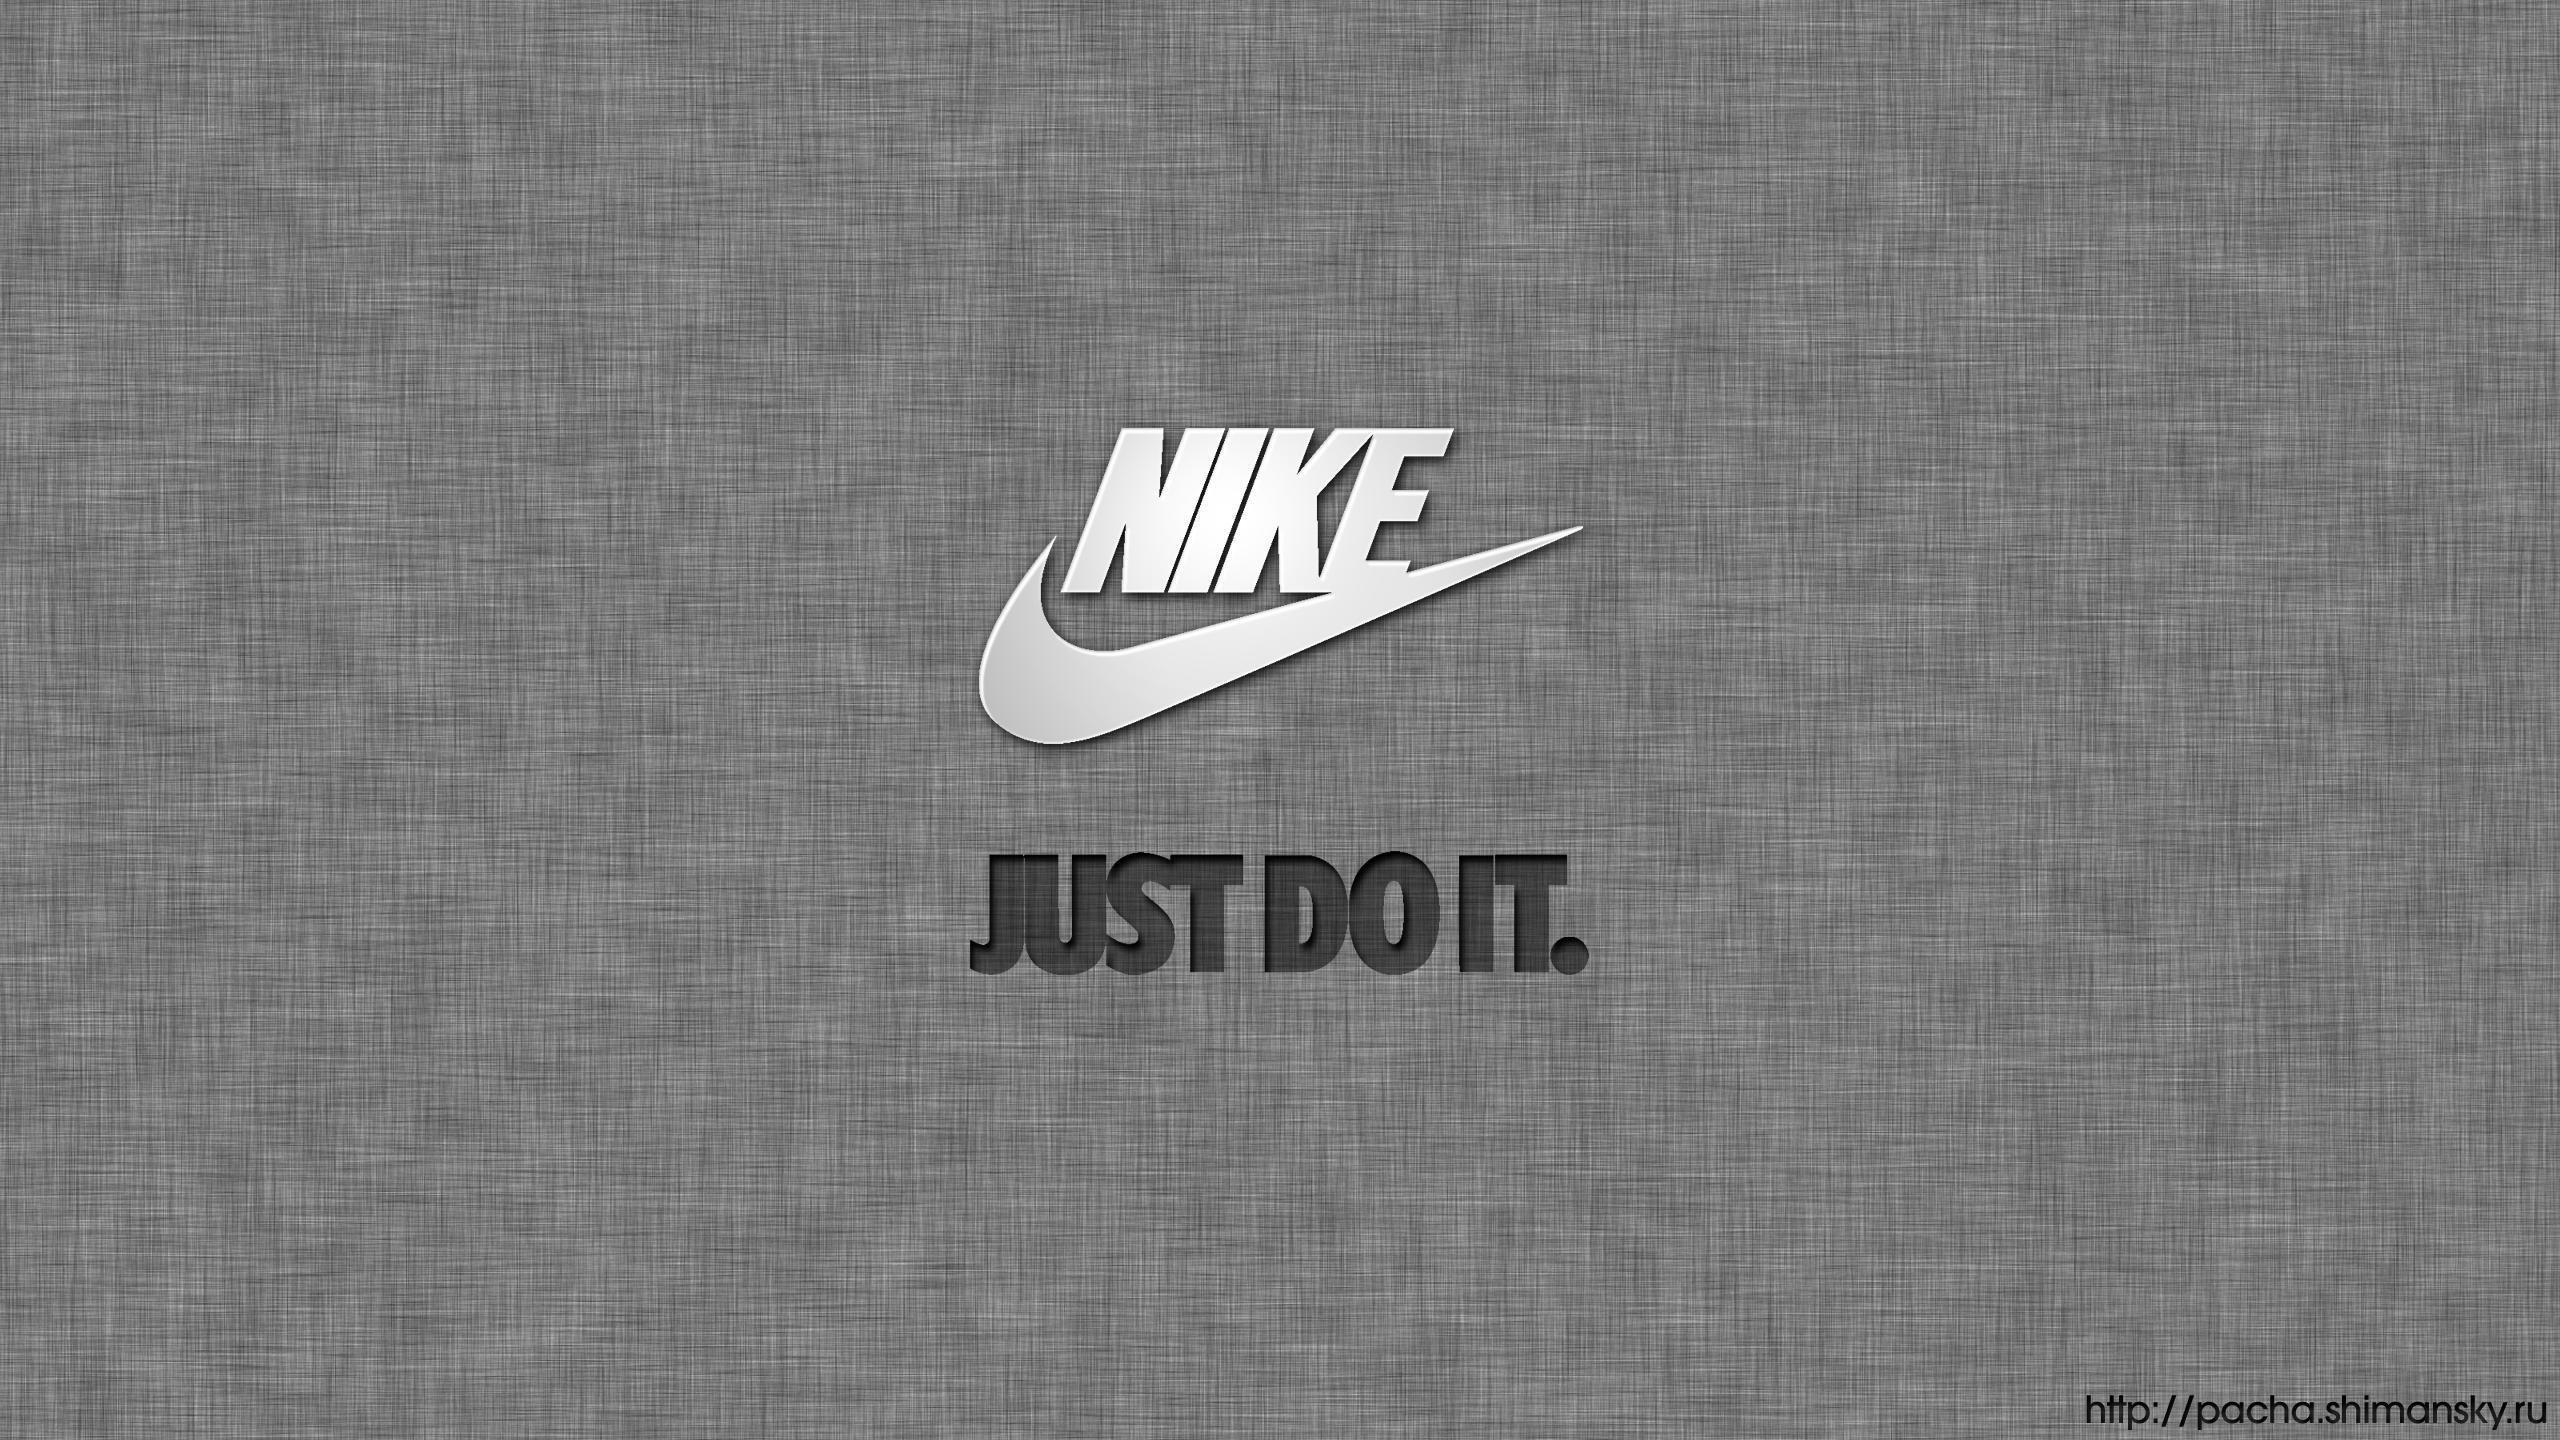 2560x1440 Logo : Nike Wallpaper Hd 1440x2560px Nike Wallpaper. Nike .